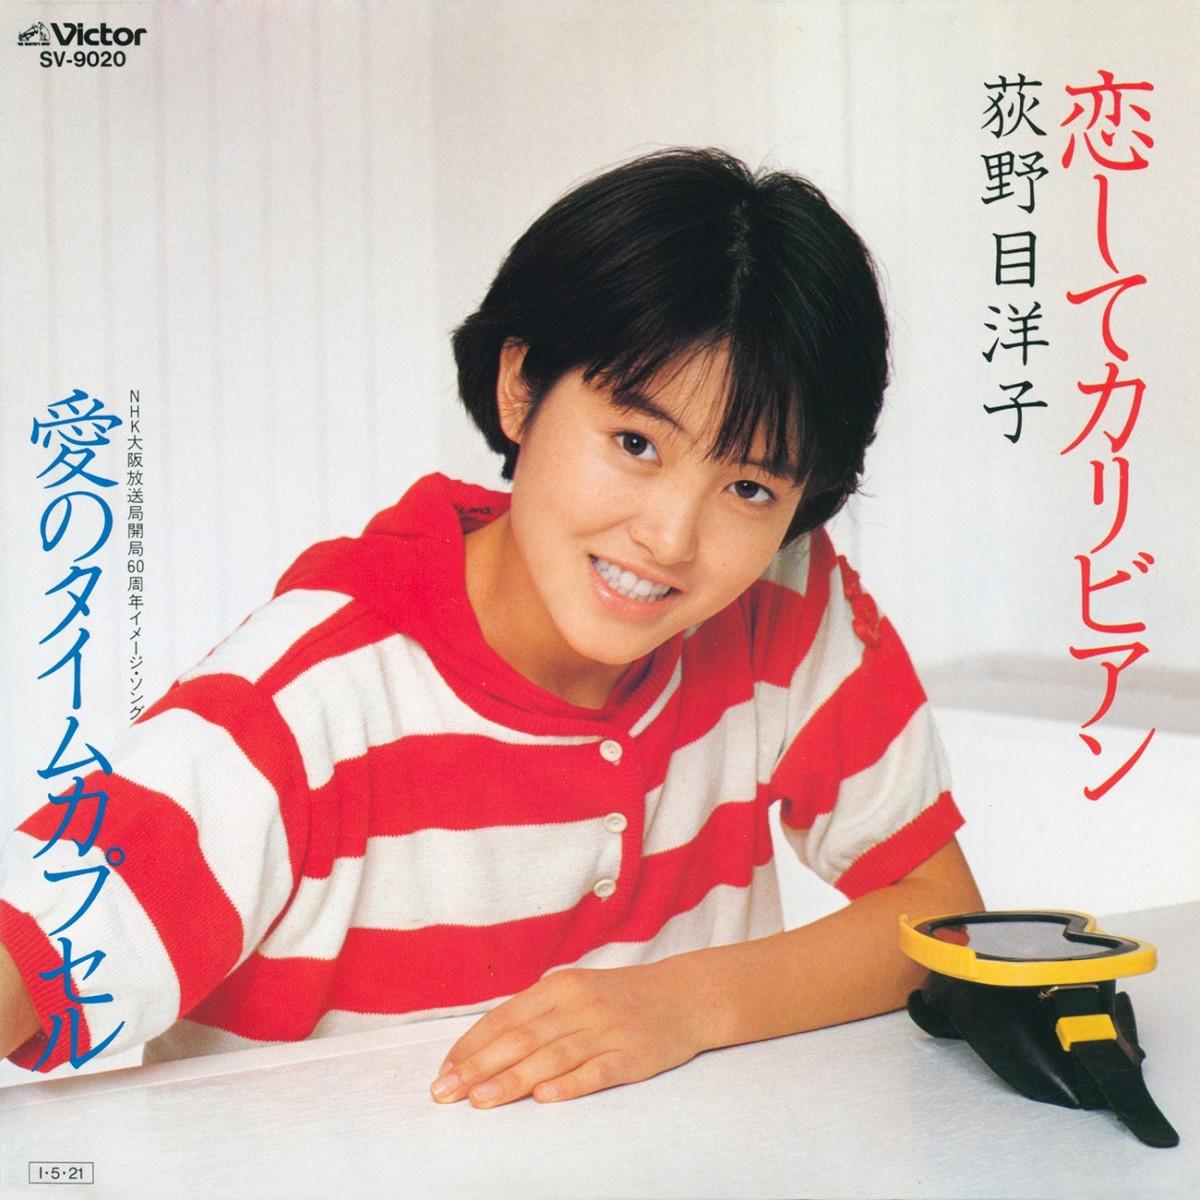 恋してカリビアン 荻野目 洋子 ジャケットイメージ